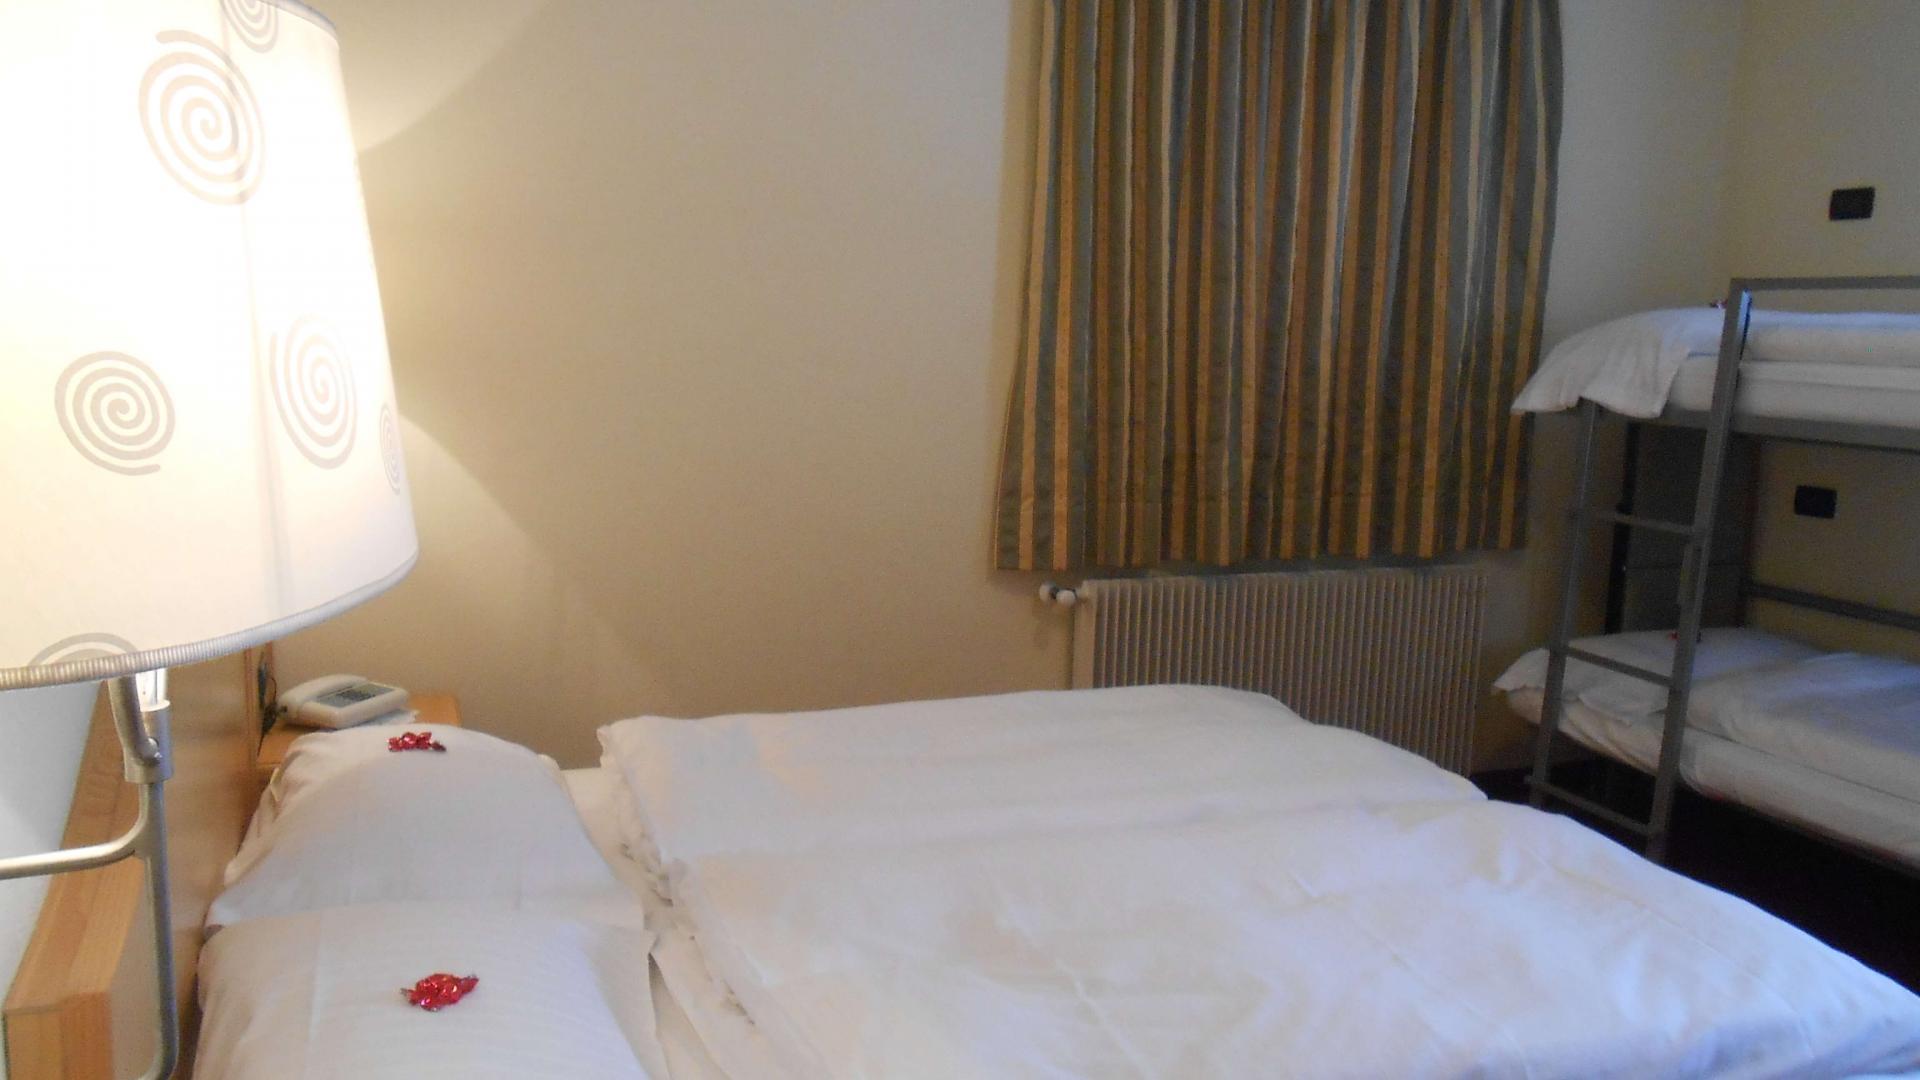 Letto matrimoniale in camera tripla presso hotel del Bosco a Livigno